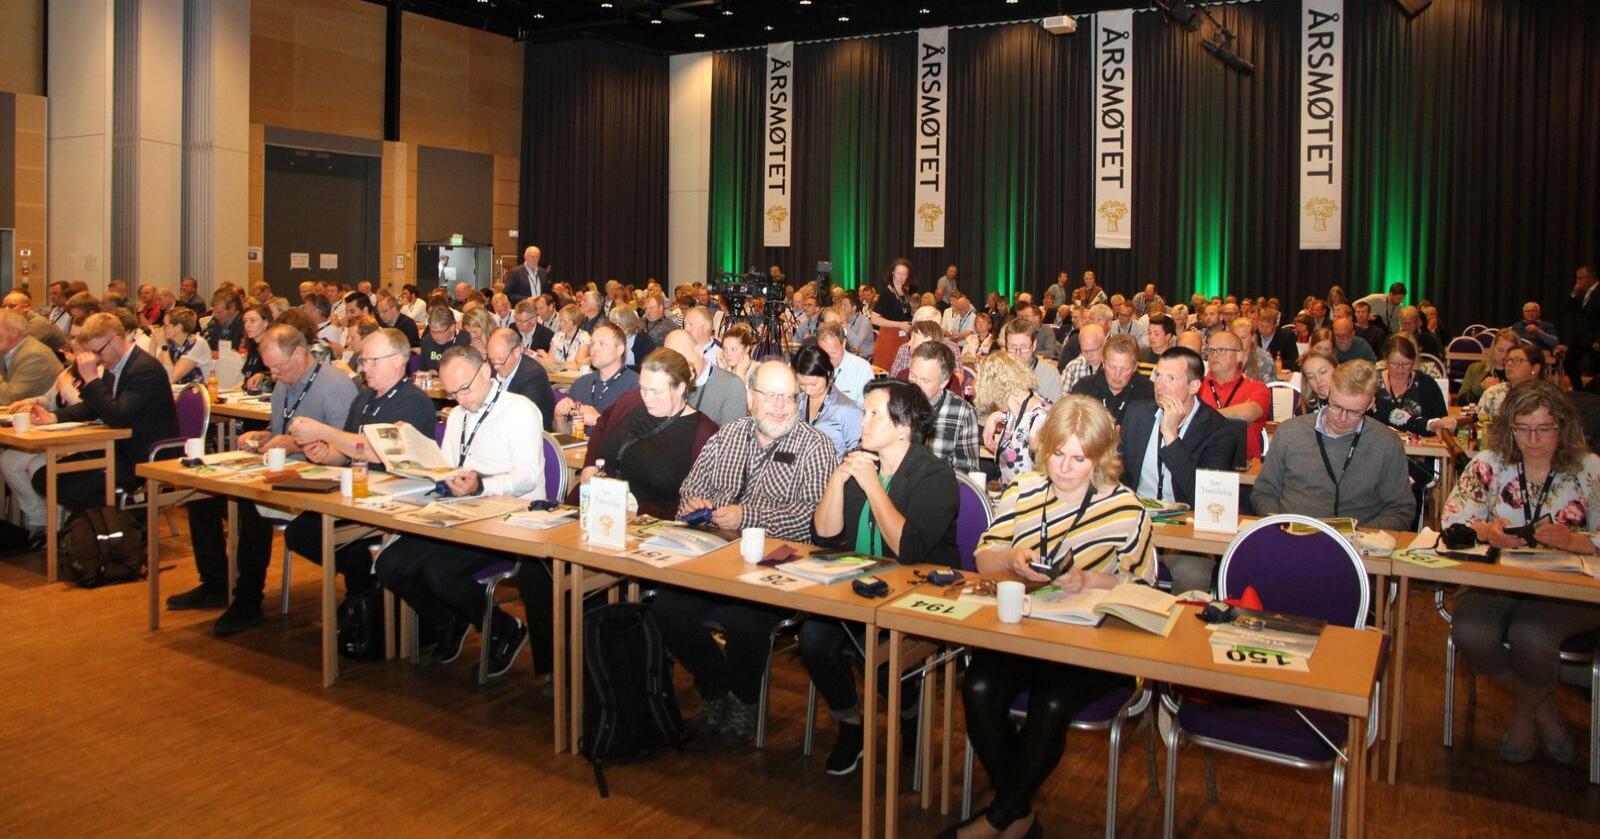 Bondelaget vil aller helst gjennomføre et fysisk årsmøte og avventer nye råd fra smittevernmyndighetene. Bildet er fra Bondetinget på Lillehammer i fjor. (Foto: Iver K. Gamme)